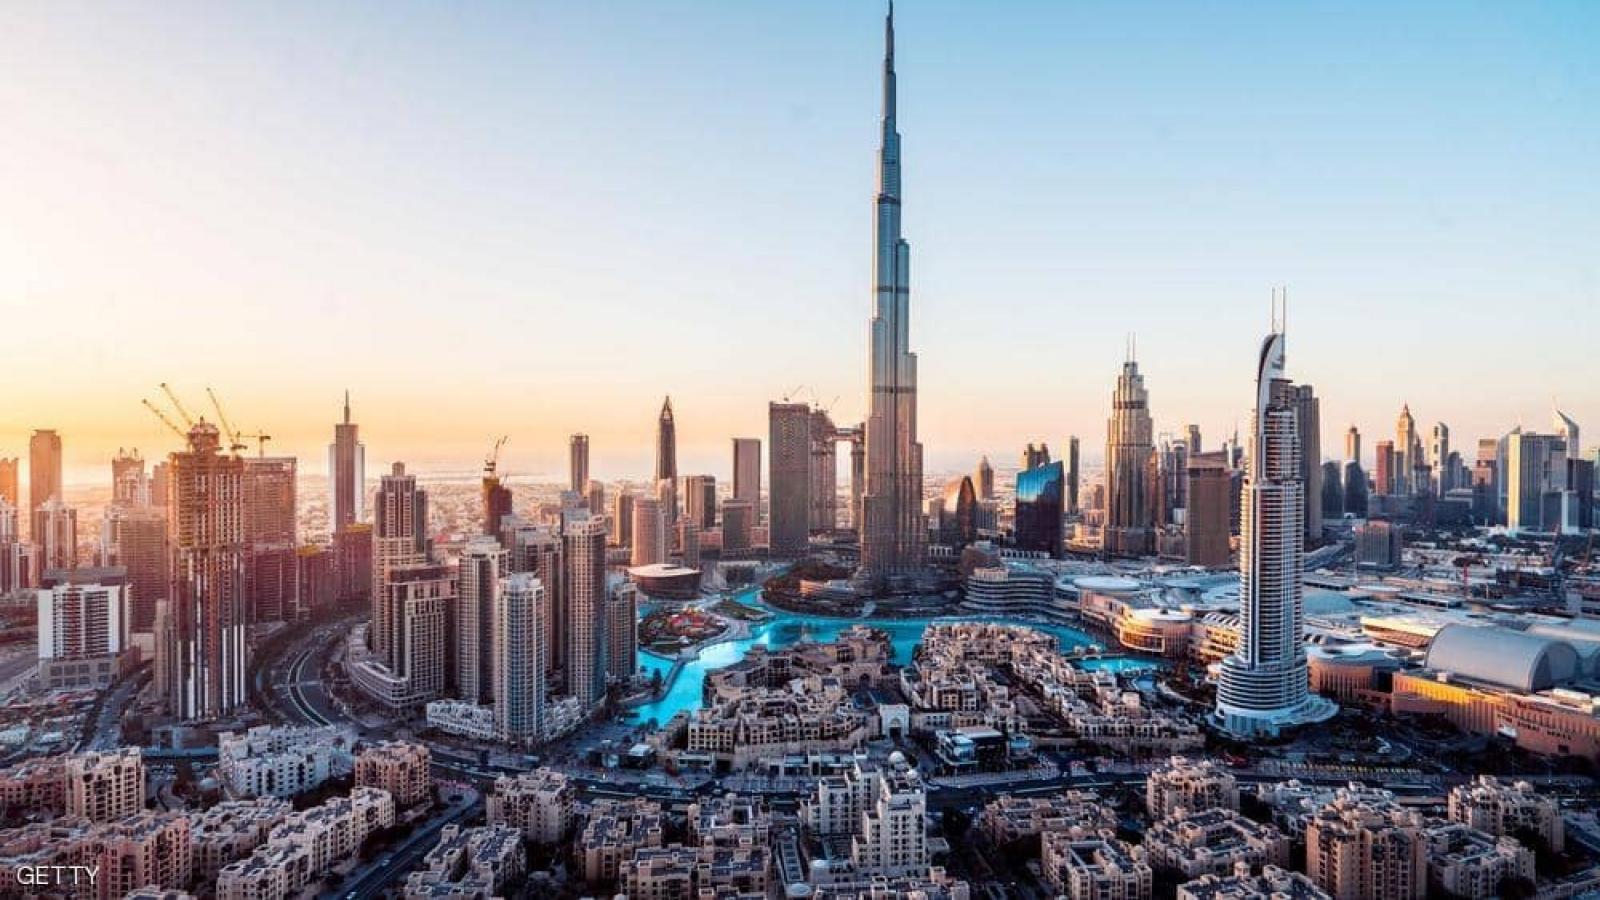 Sáng kiến toàn cầu của UAE nhằm chuyển giao vaccine Covid-19 cho các nước đang phát triển